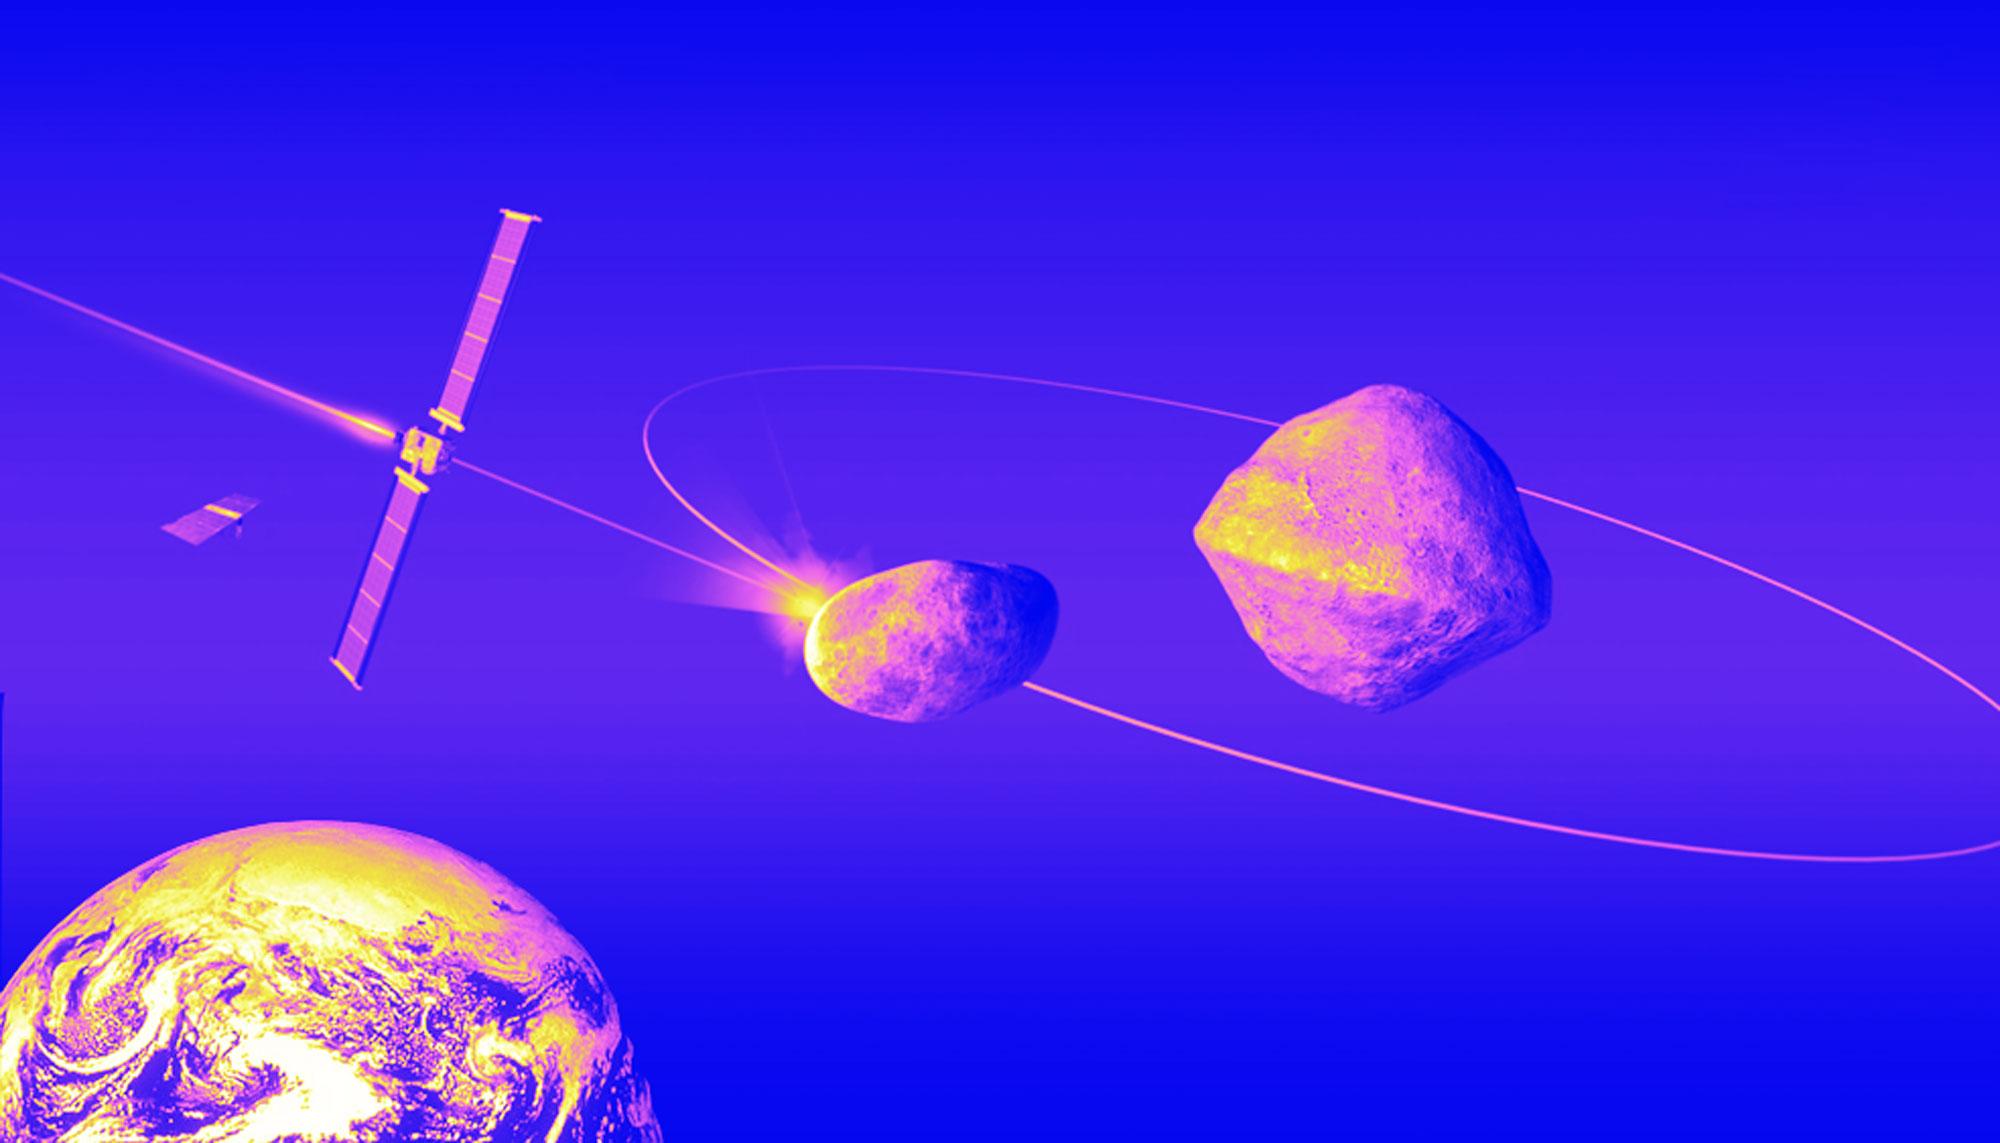 La humanidad va a estrellar una nave contra un asteroide por primera vez